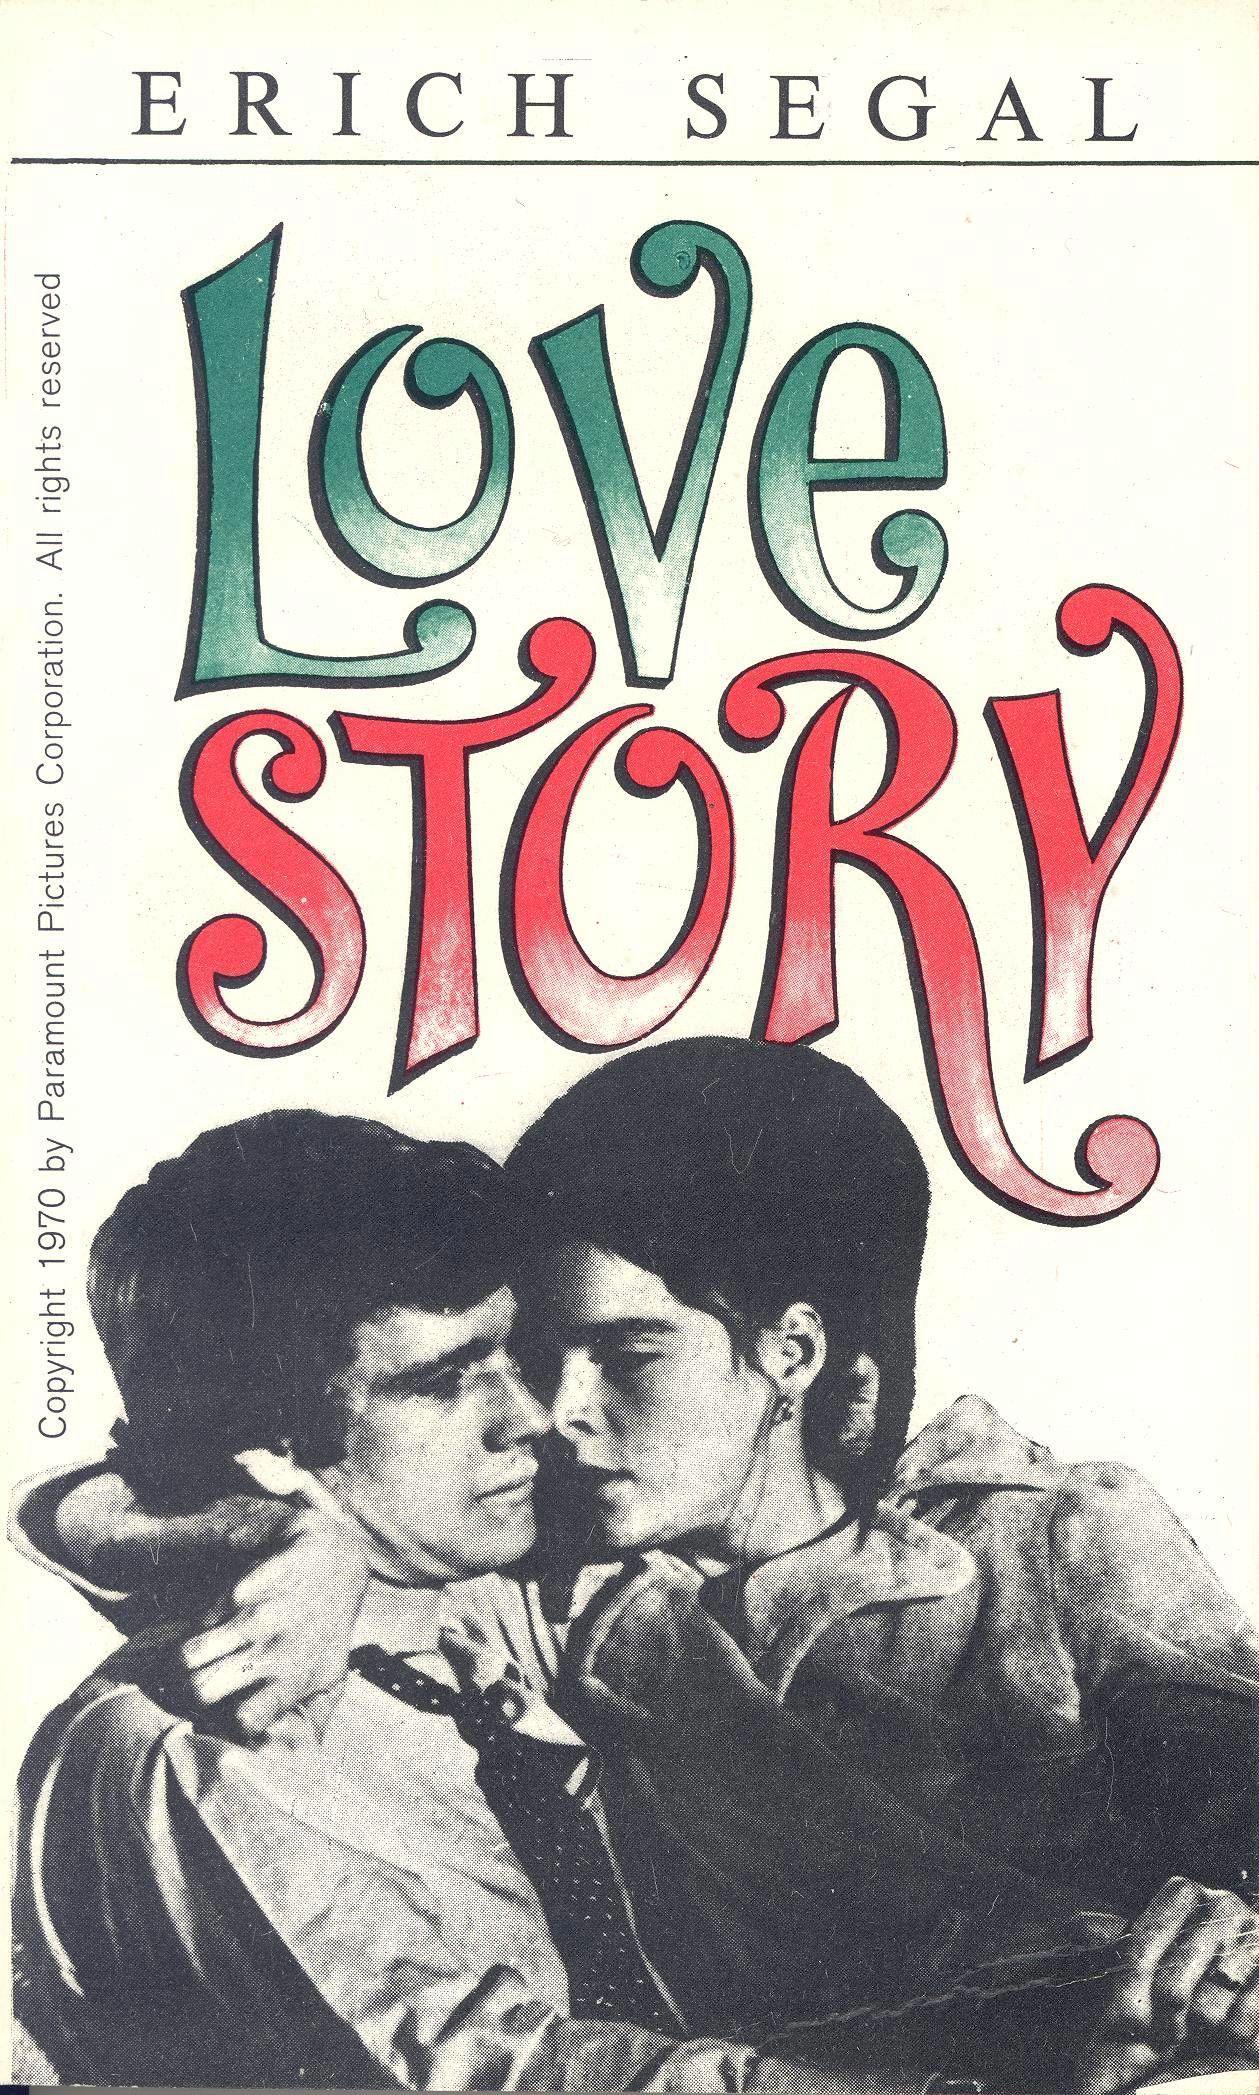 """""""Love Story, czyli o miłości"""" Erich Segal  Translated by Anna Przedpełska-Trzeciakowska Cover by Mieczysław Kowalczyk Published by Wydawnictwo Iskry 1972"""